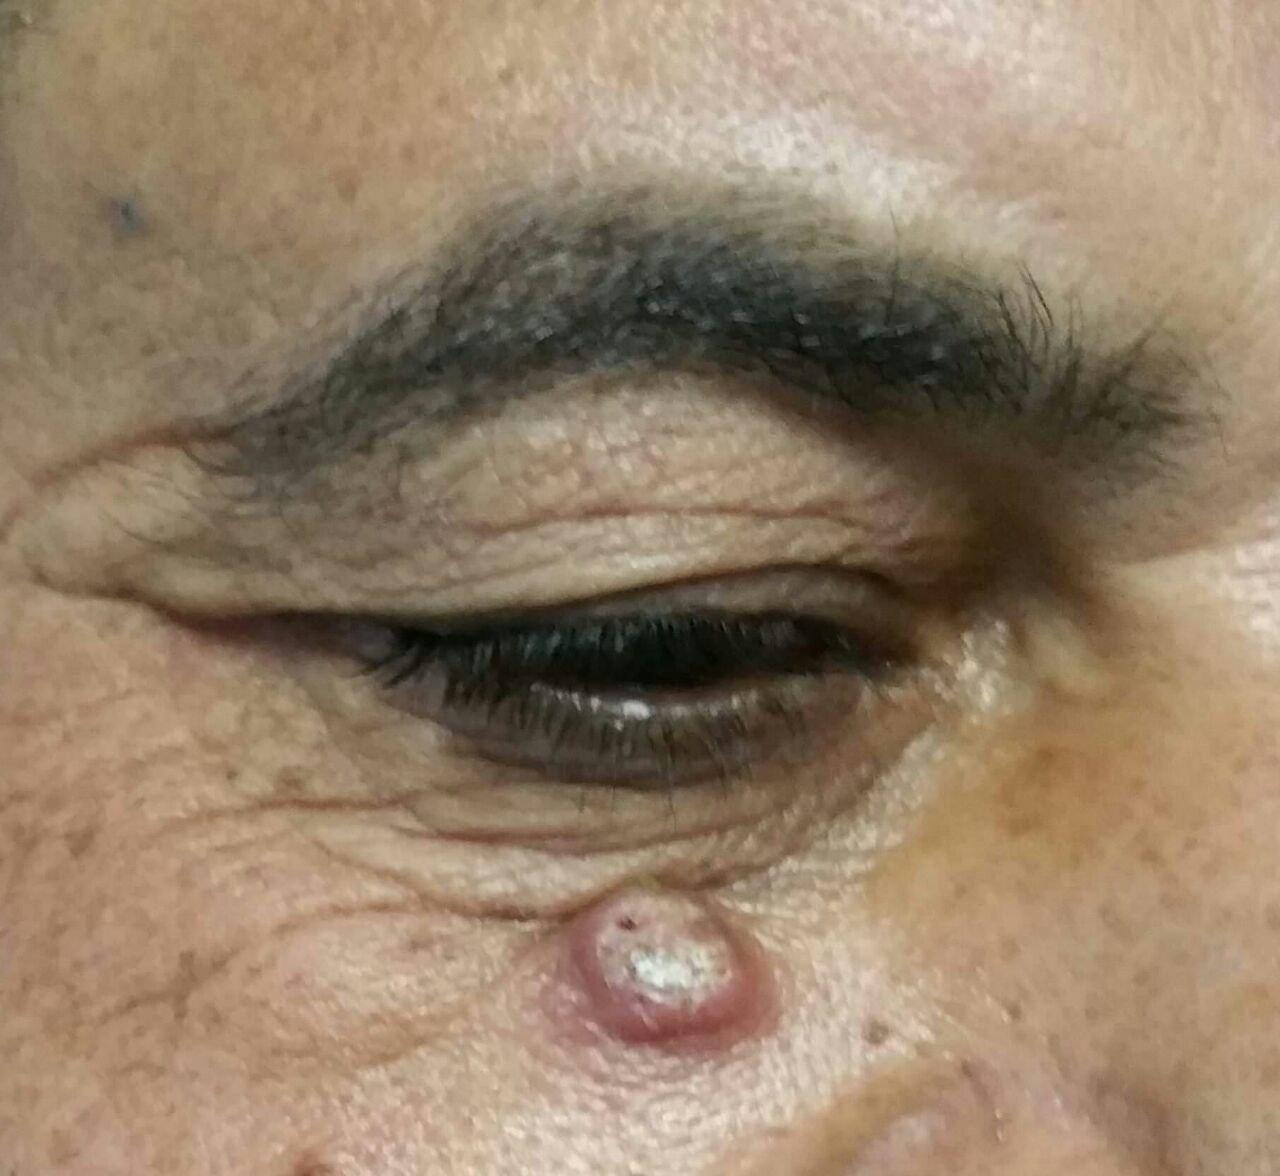 Dettaglio dell'occhio di una persona